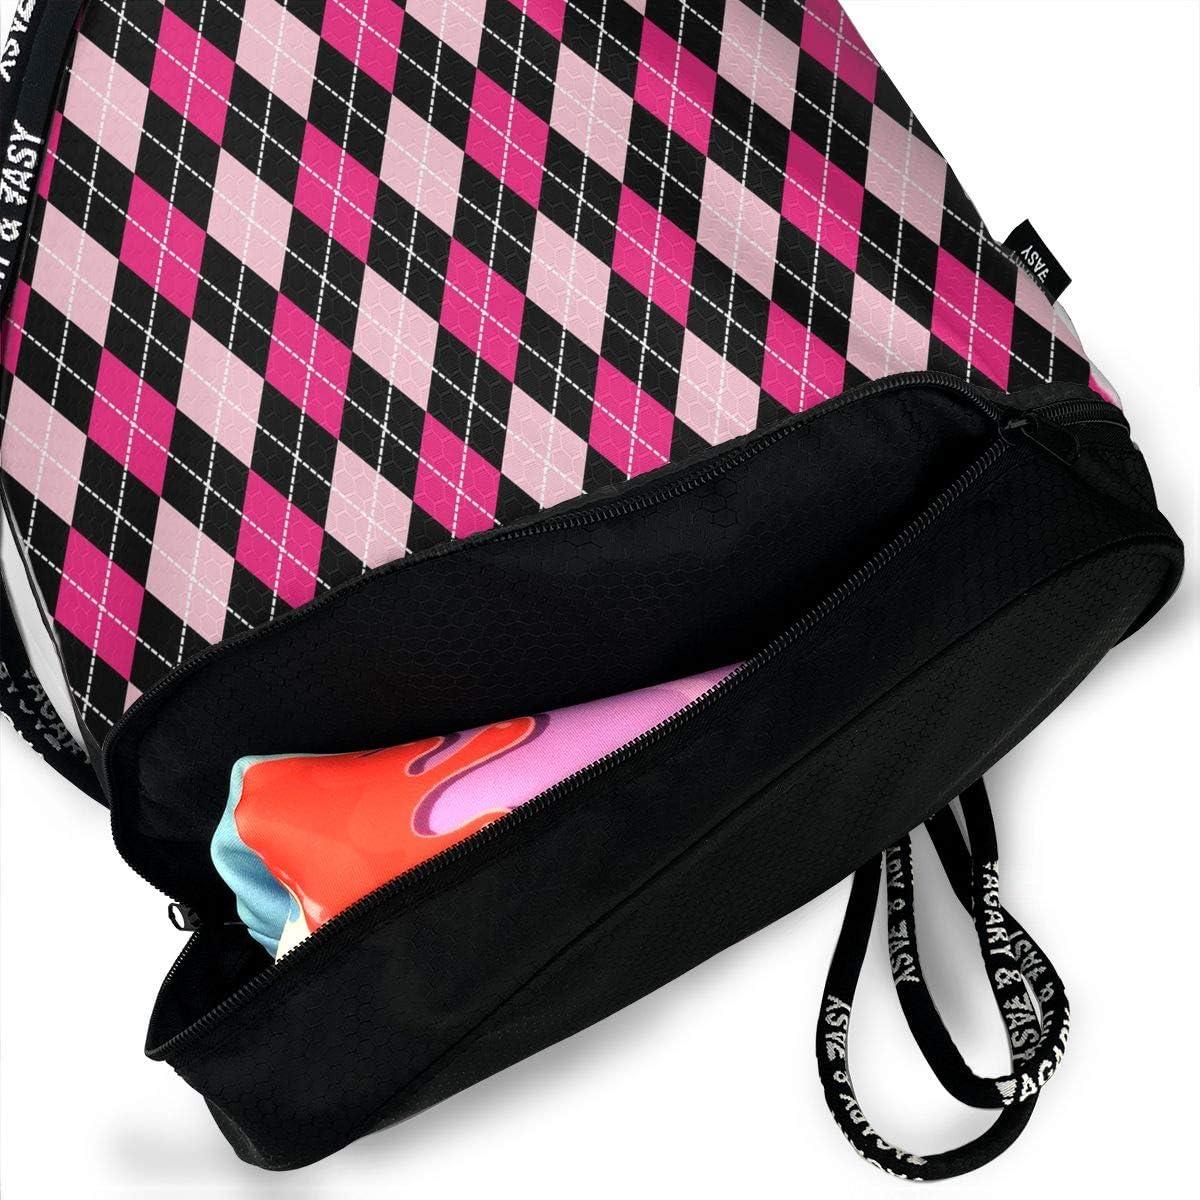 HUOPR5Q Pink Red Plaid Drawstring Backpack Sport Gym Sack Shoulder Bulk Bag Dance Bag for School Travel